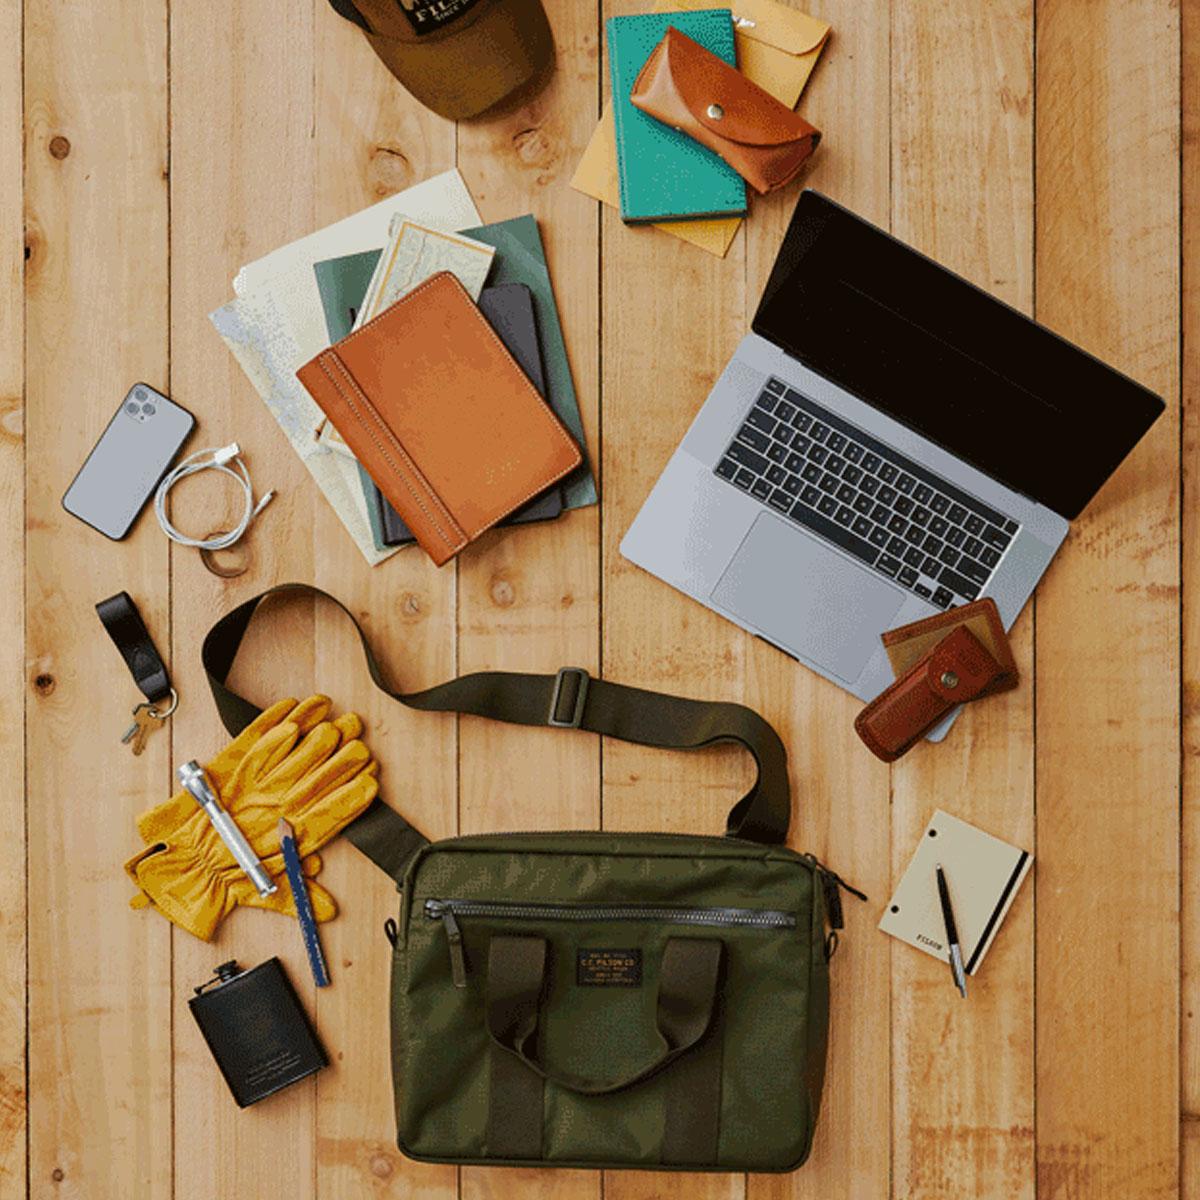 Filson Ripstop Nylon Compact Briefcase 20203678-Surplus Green, compact en gestroomlijnd voor zakelijke benodigdheden